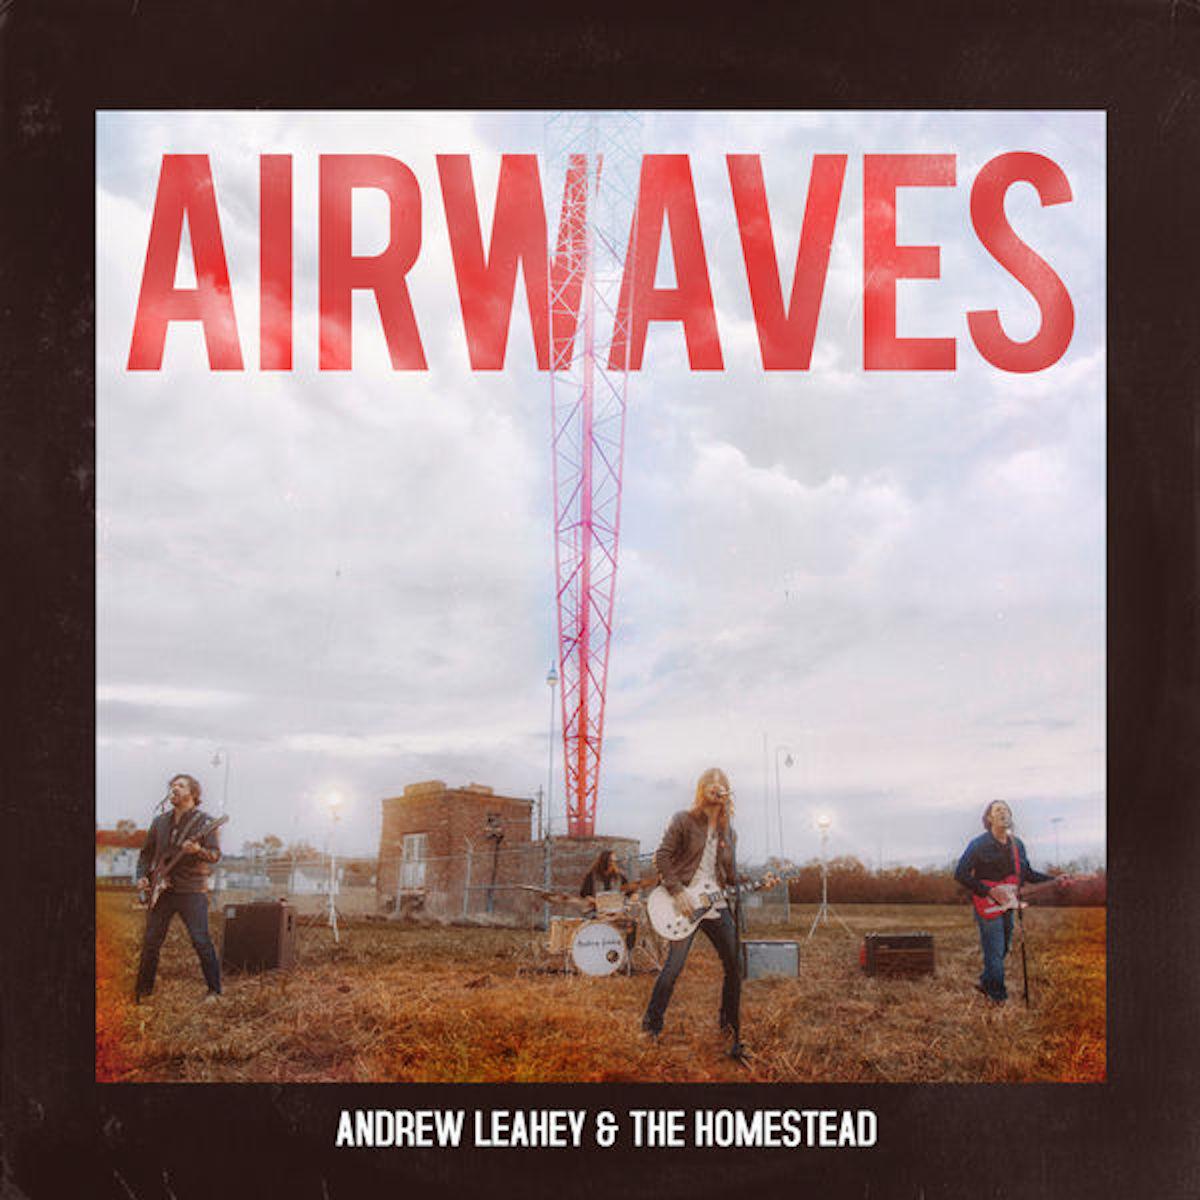 ¿Qué estáis escuchando ahora? AndrewLeahey_Airwaves